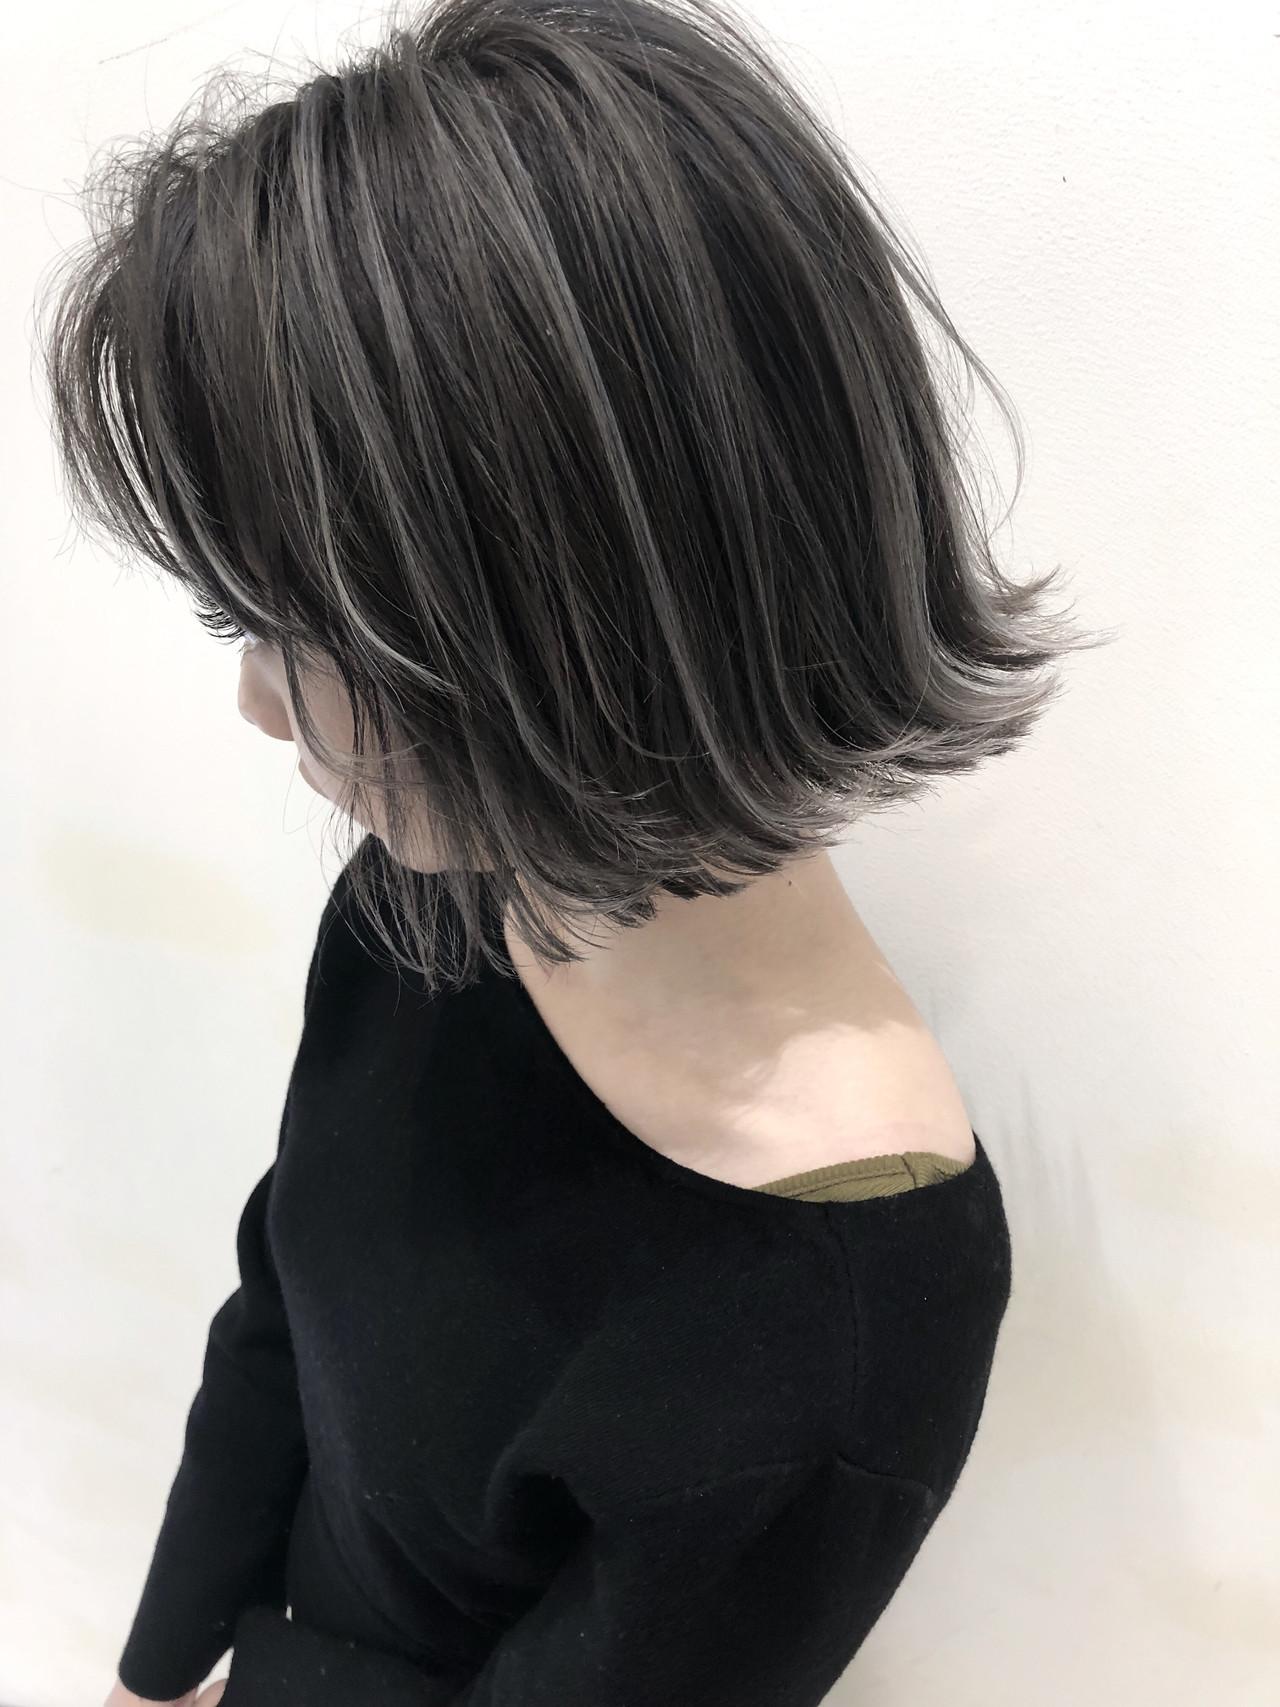 ハイライト グレージュ 外国人風 ウェーブ ヘアスタイルや髪型の写真・画像